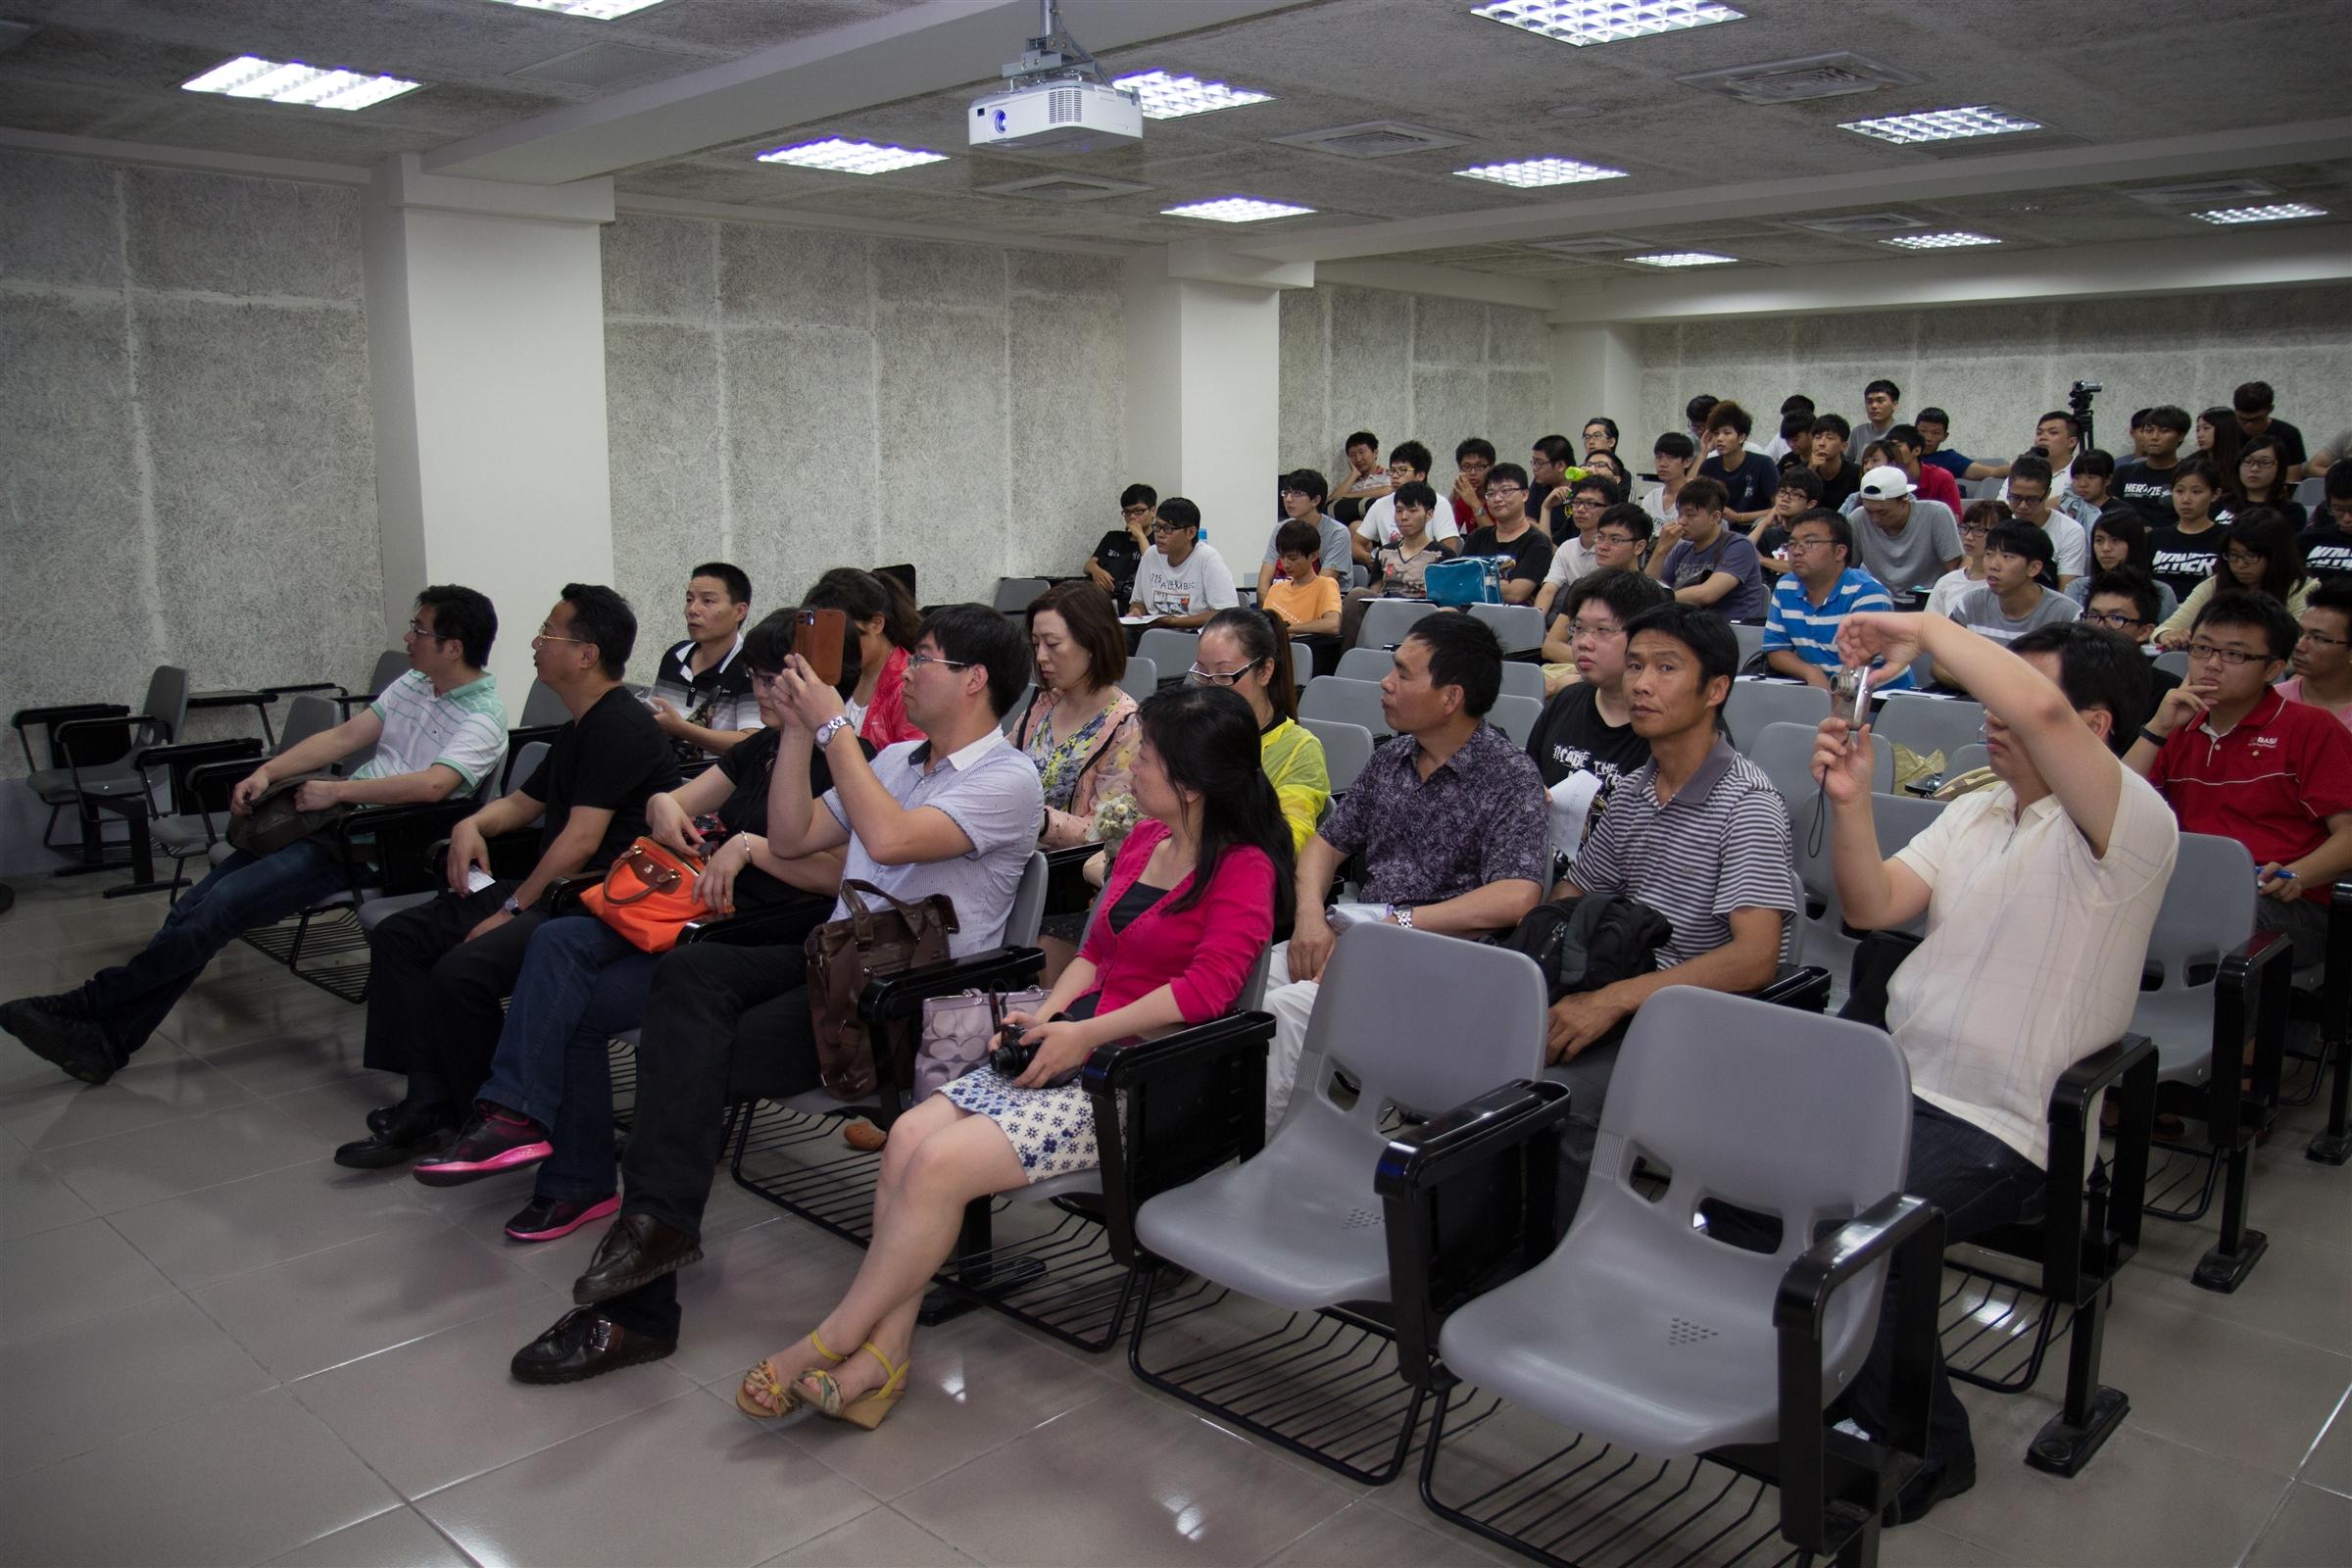 浙江農村促進會與生態中心交流農村生態處理技術